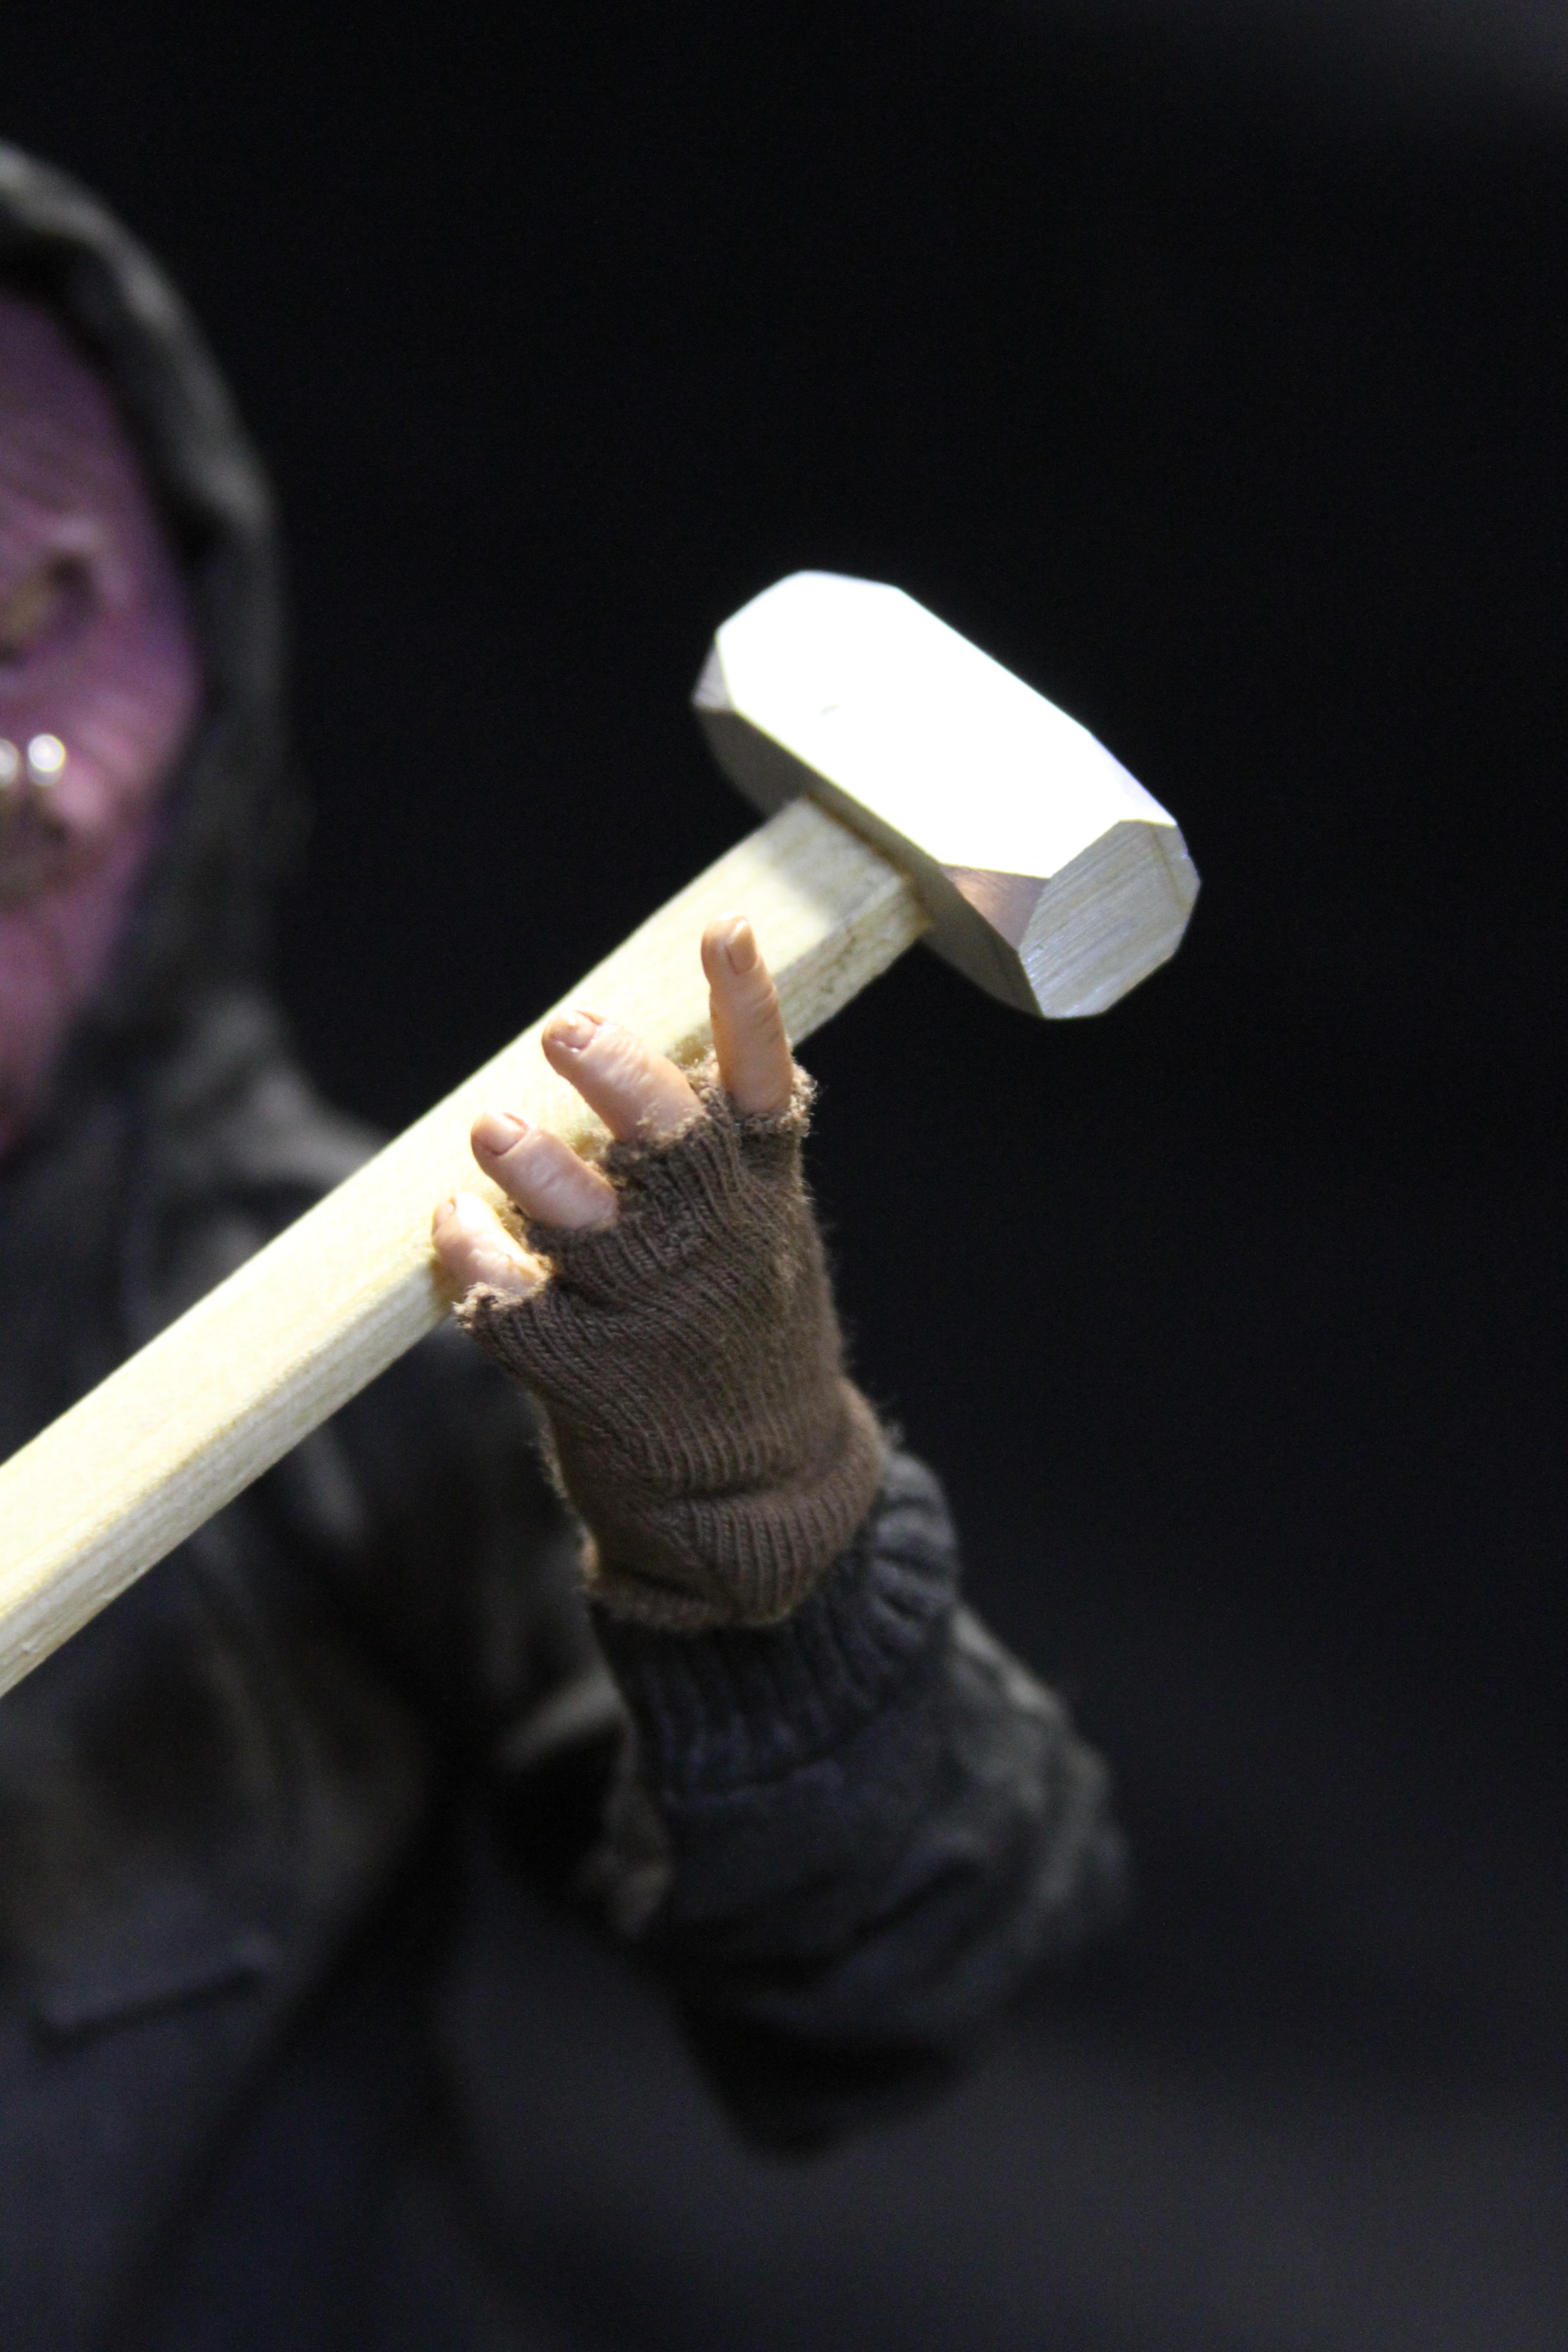 sledgehammer & glove